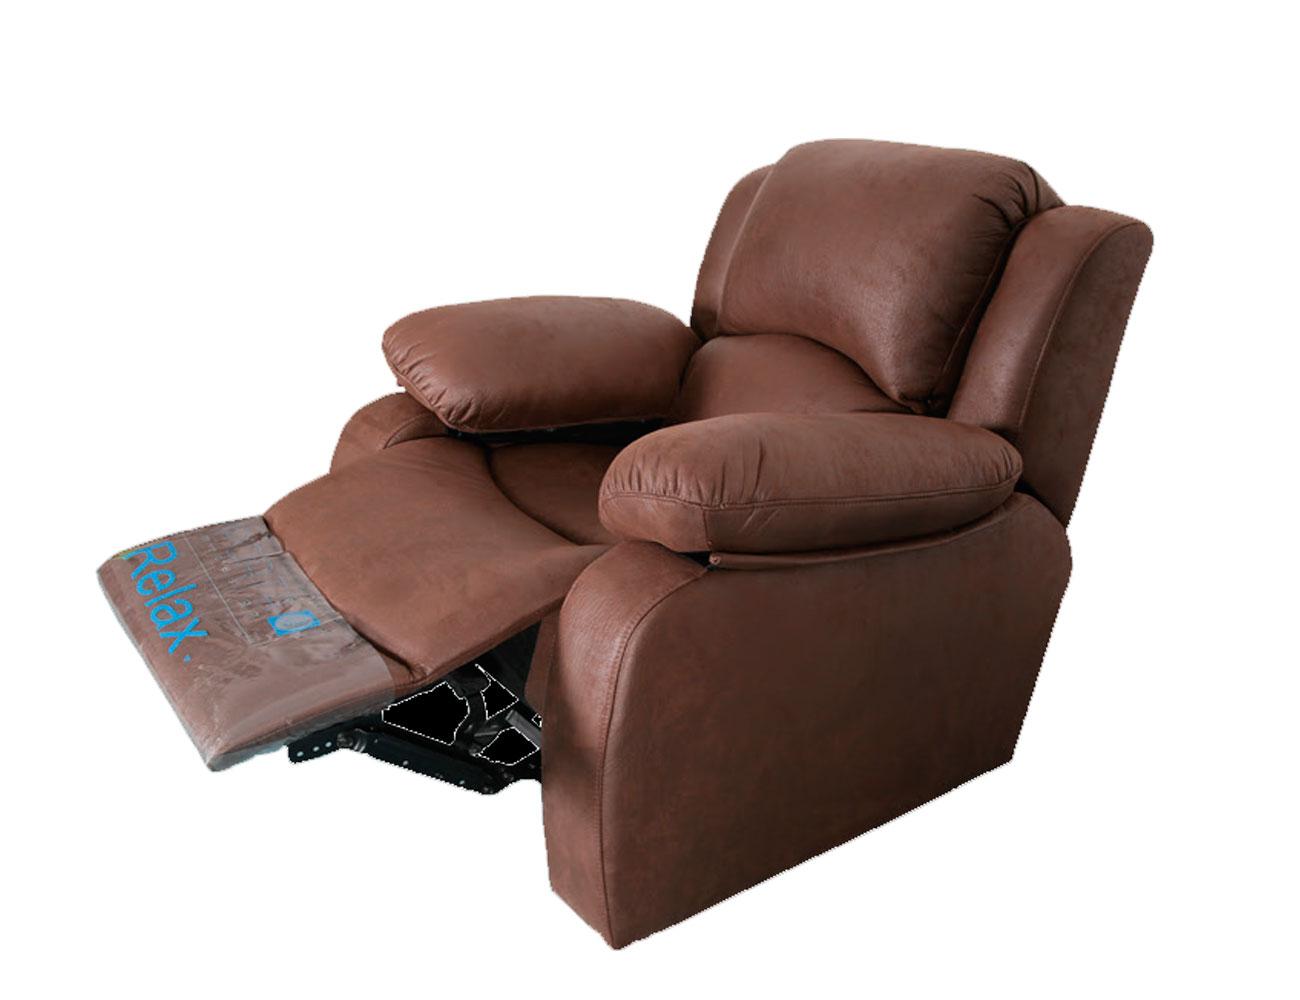 Sill n relax manual con sistema mecedora factory del mueble utrera - Sofa mecedora ...